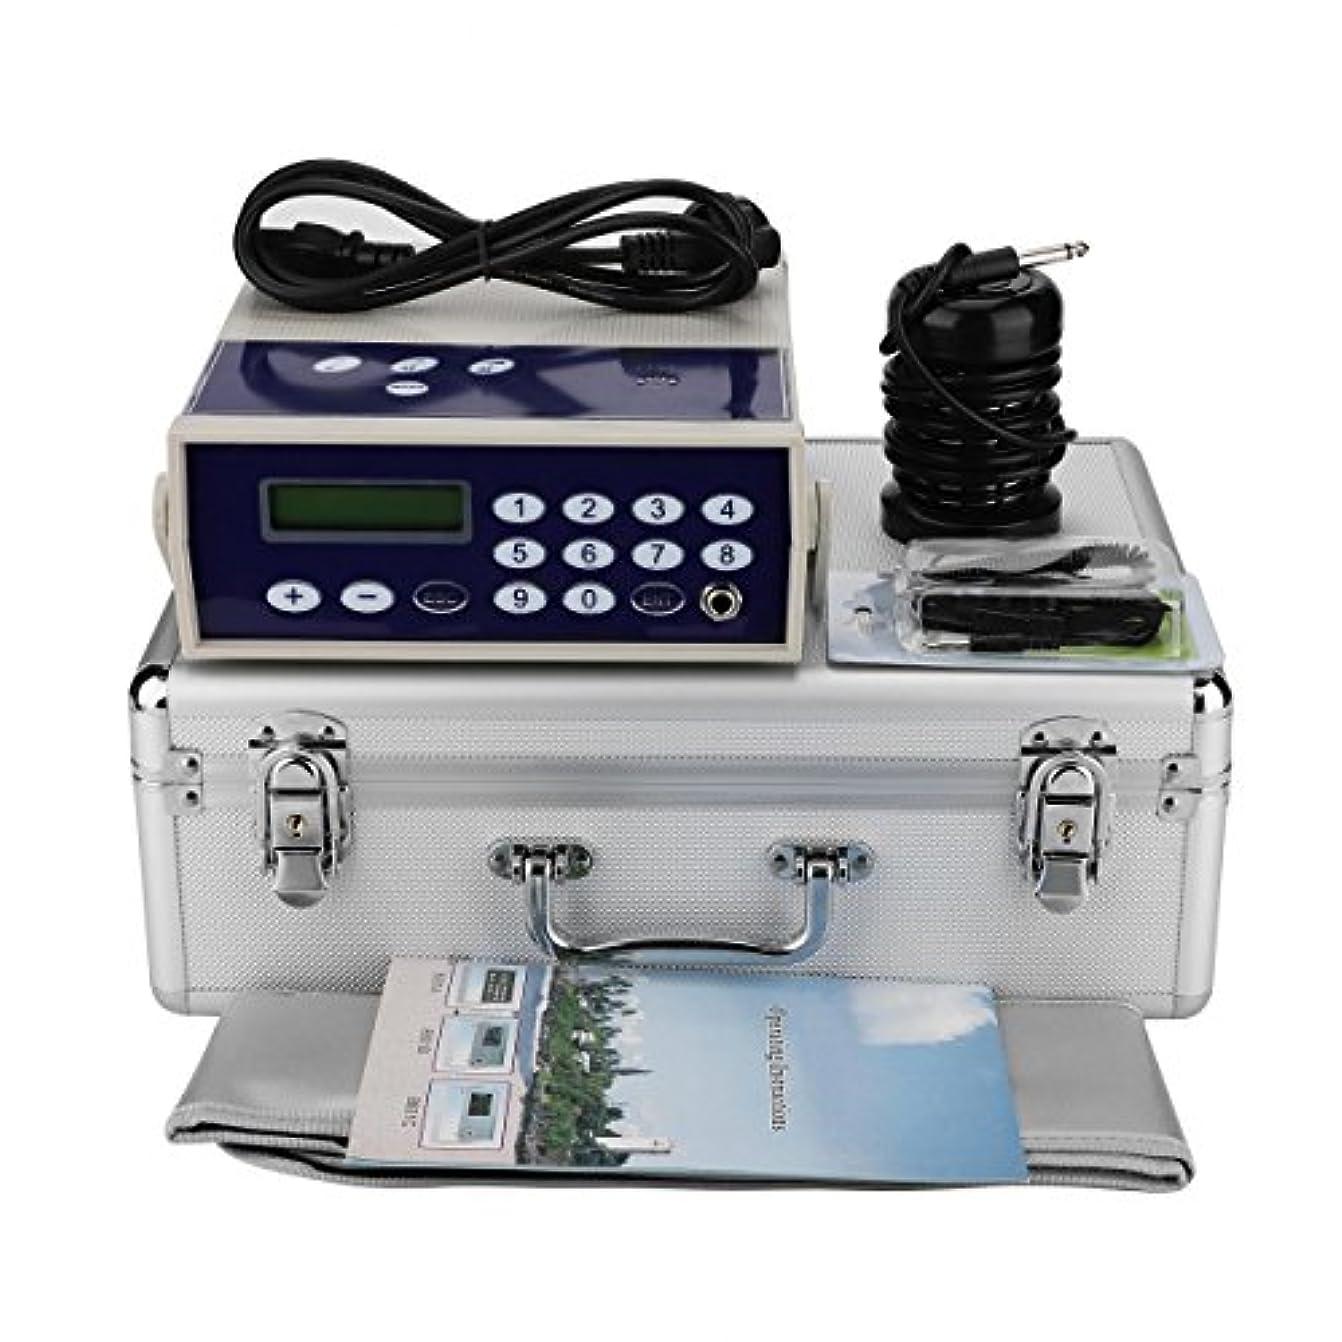 パトロールラフ睡眠フローイオンフットバスデトックスシステム-ボディデトックスマシンイオンアレイフットバススパクレンジングイオンウエストベルト解毒(110V USプラグ)